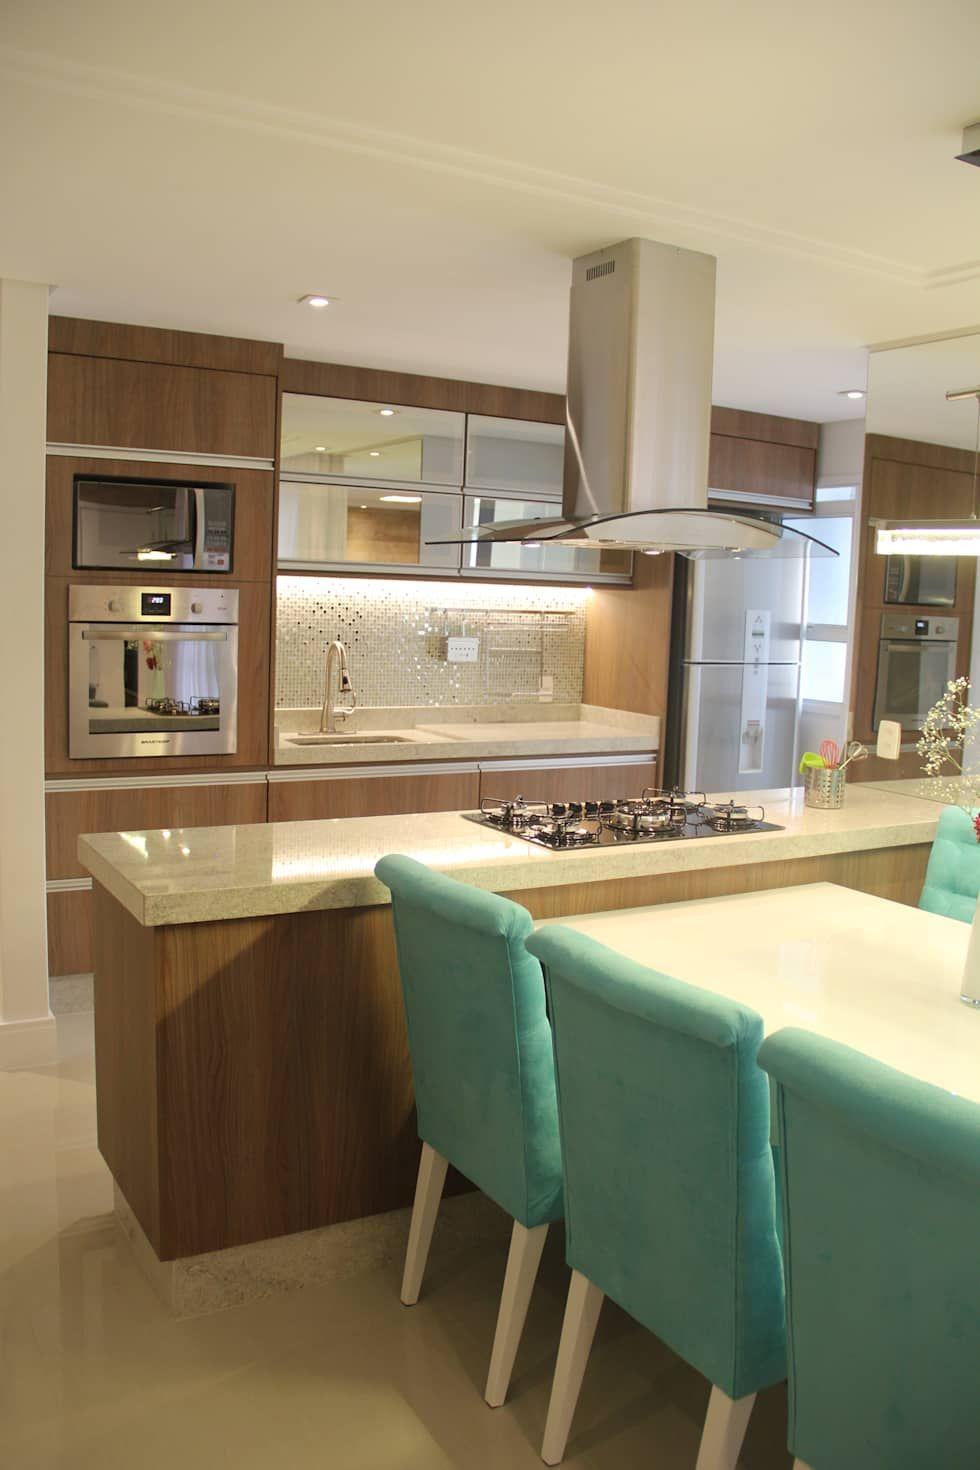 Ideas, imágenes y decoración de hogares   Moderno, Cocinas y Interiores